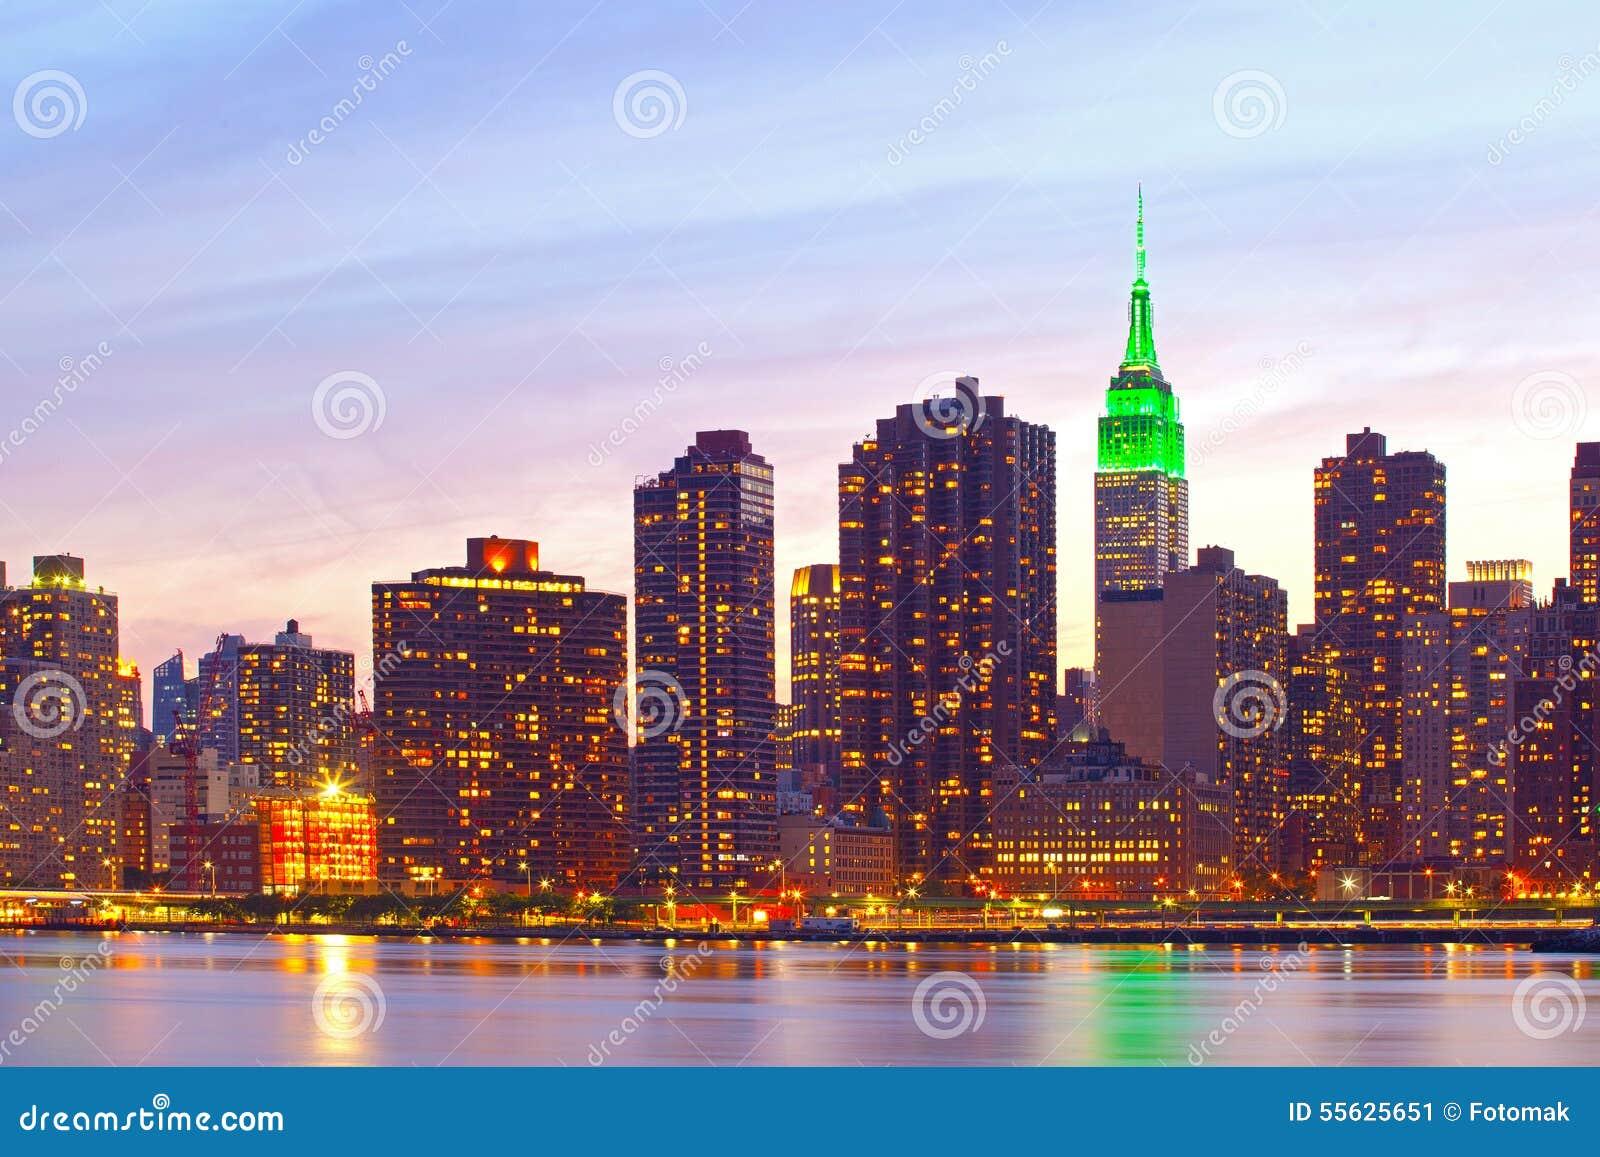 edificios famosos de la seal de new york city manhattan imagen de archivo